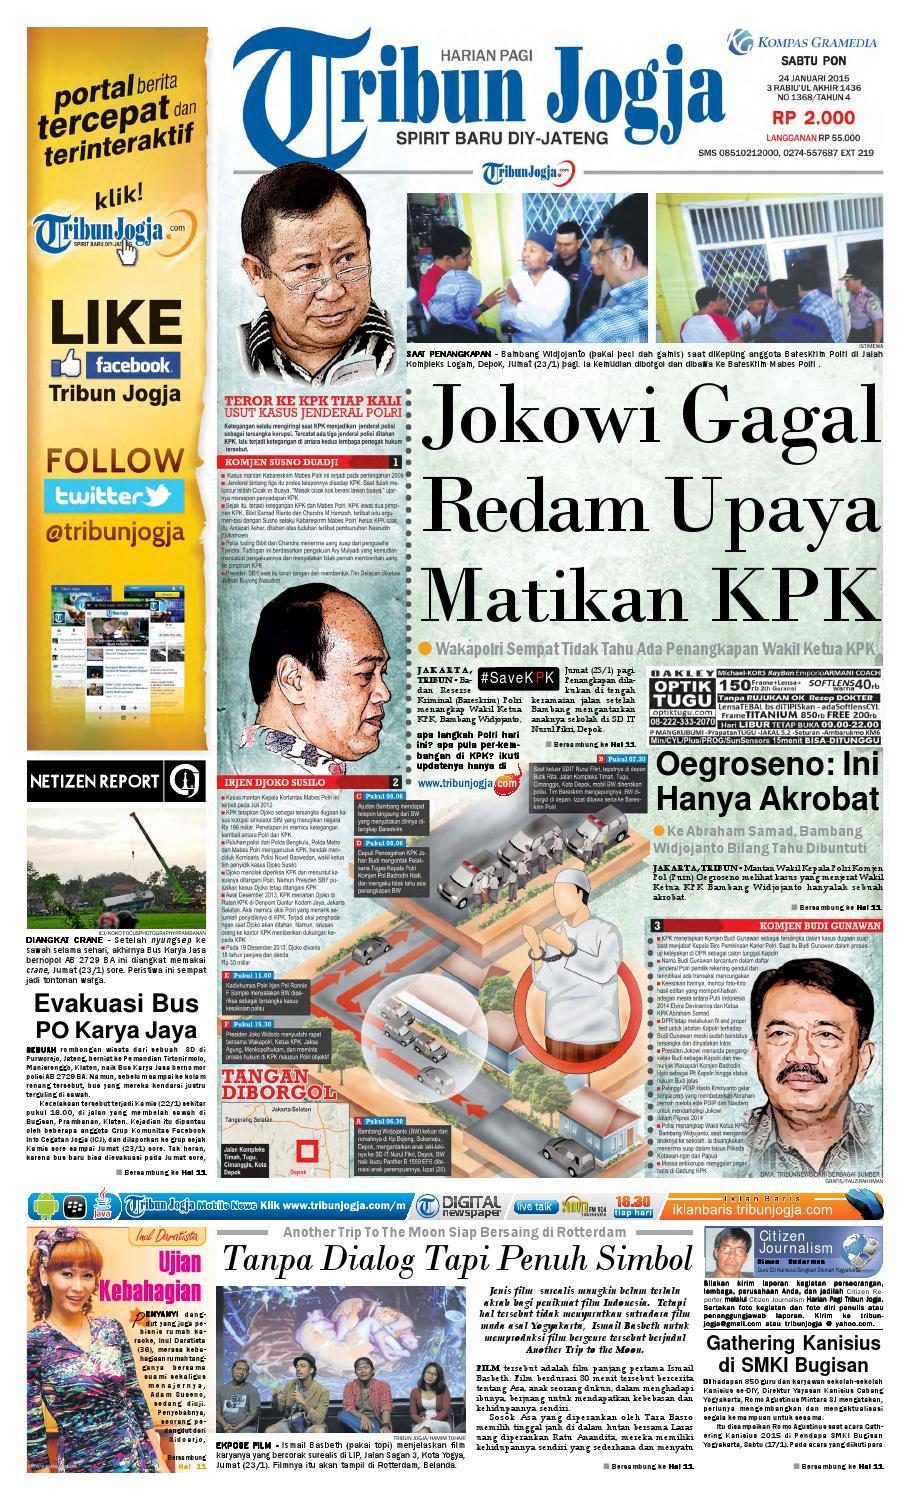 Tribunjogja 24 01 2015 By Tribun Jogja Issuu Produk Ukm Bumn Pusaka Coffee 15 Pcs Kopi Herbal Nusantara Free Ongkir Depok Ampamp Jakarta